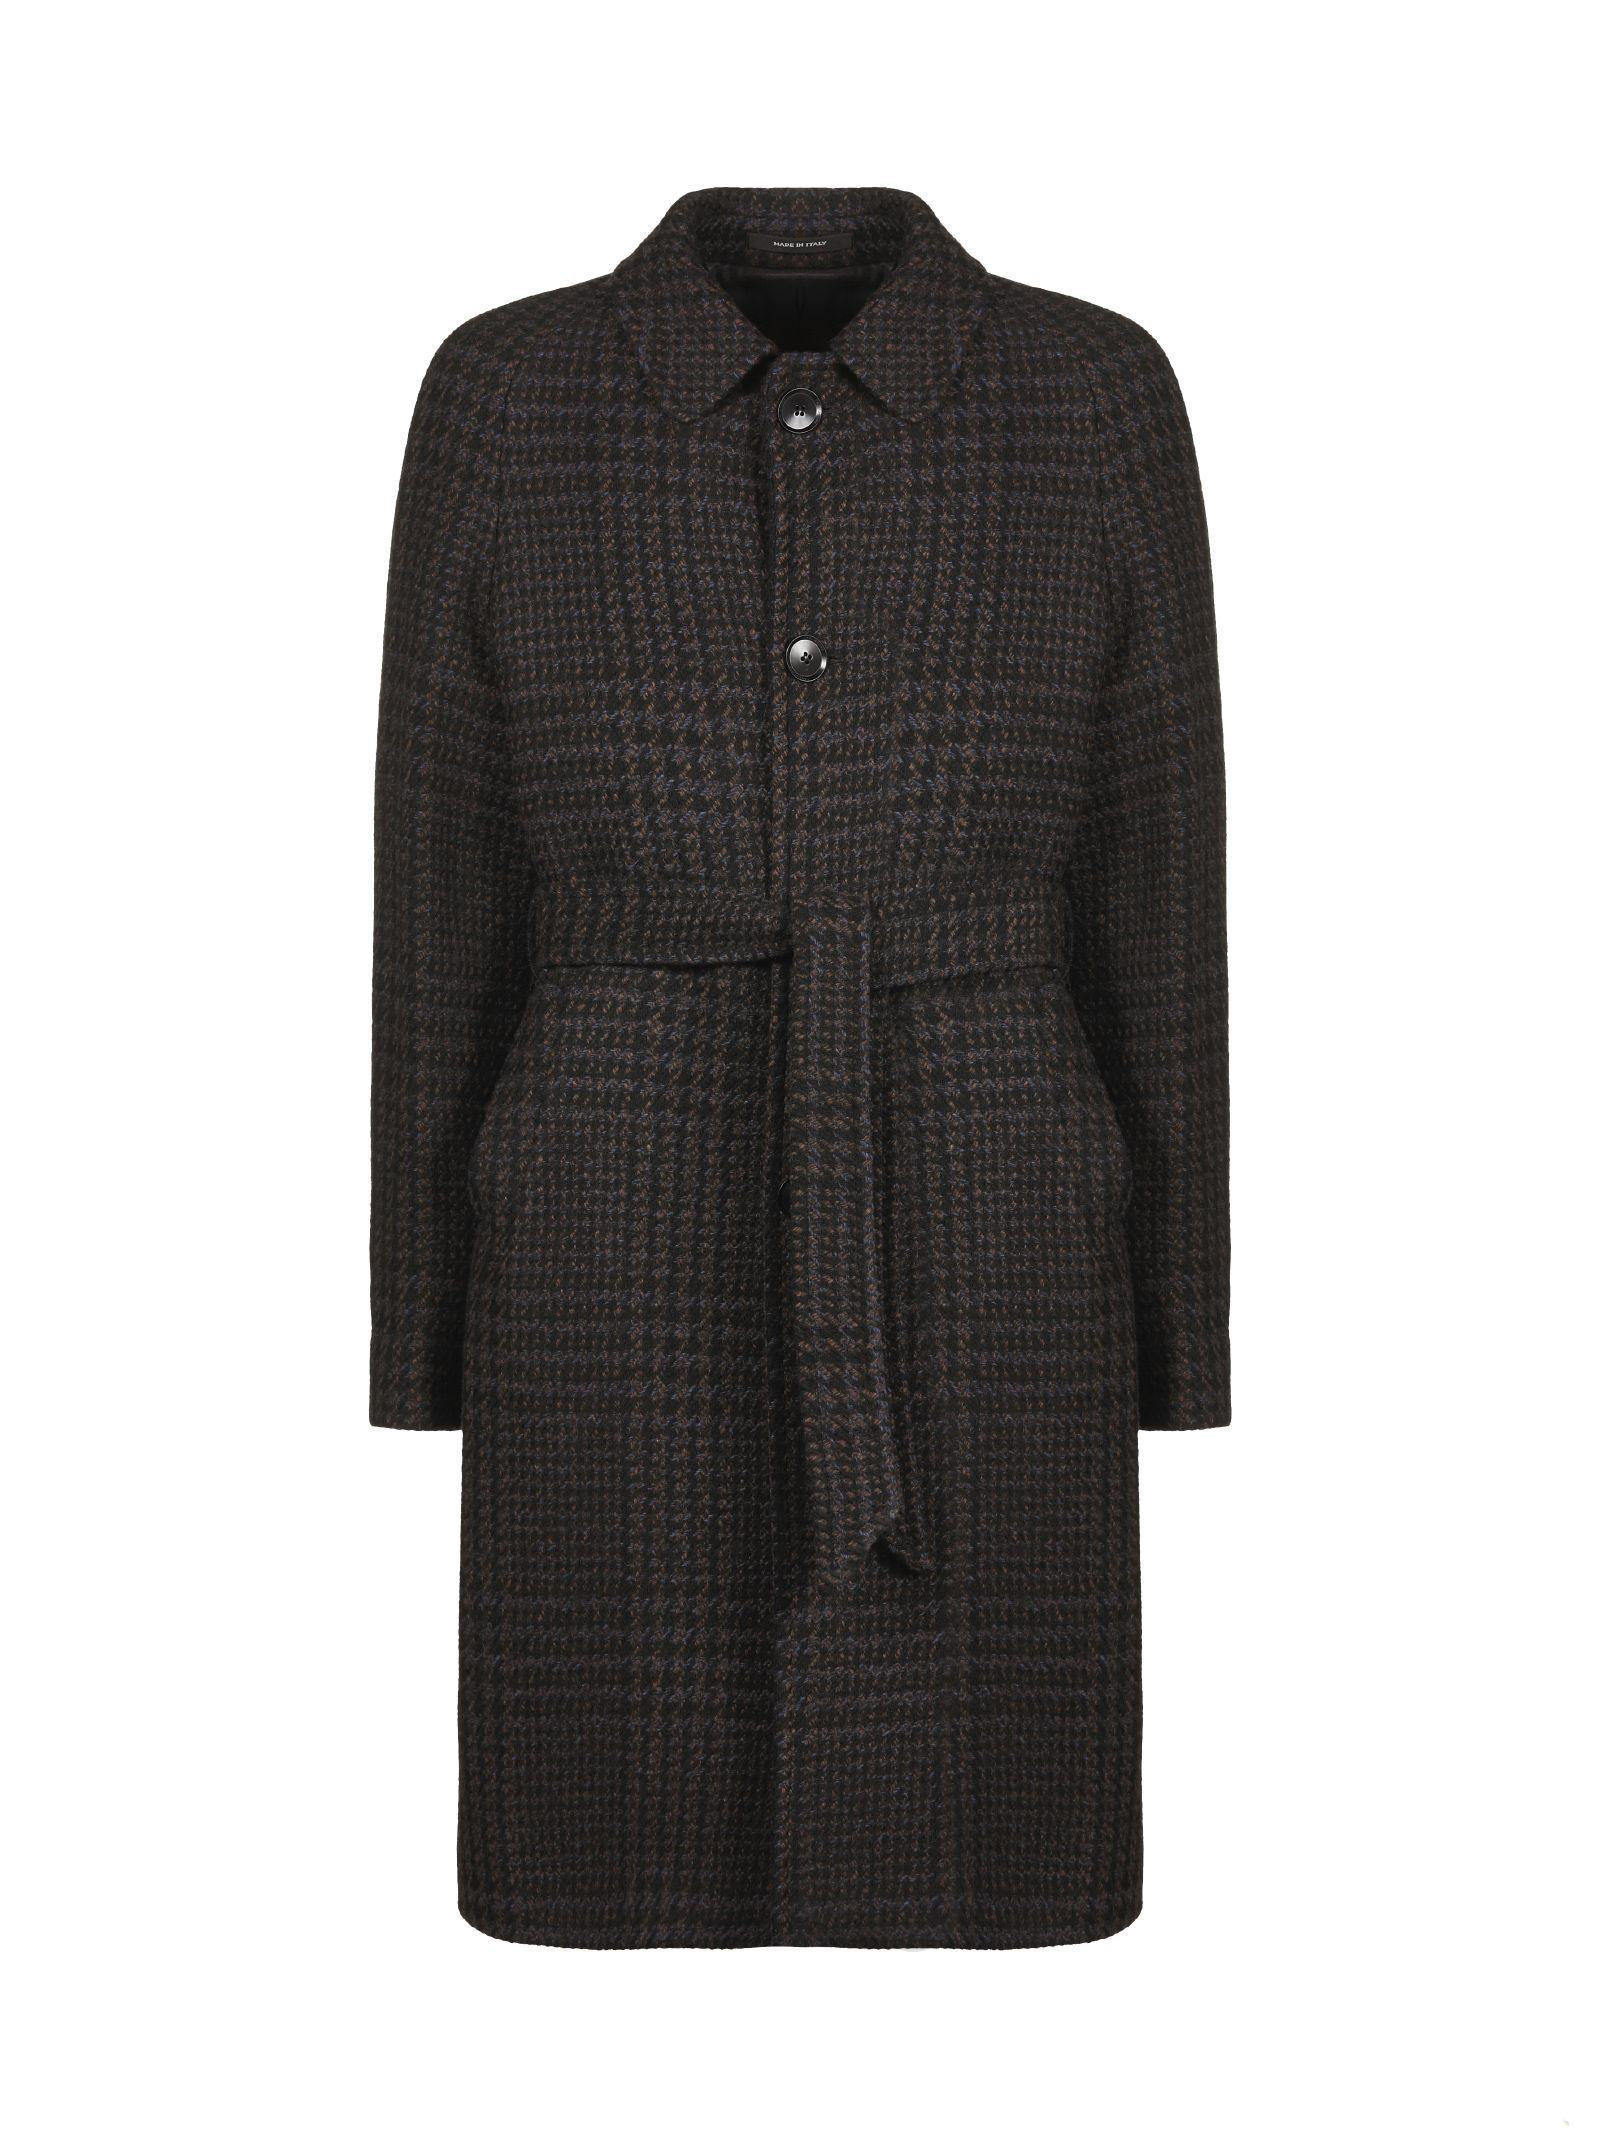 Tagliatore Belted Waist Coat